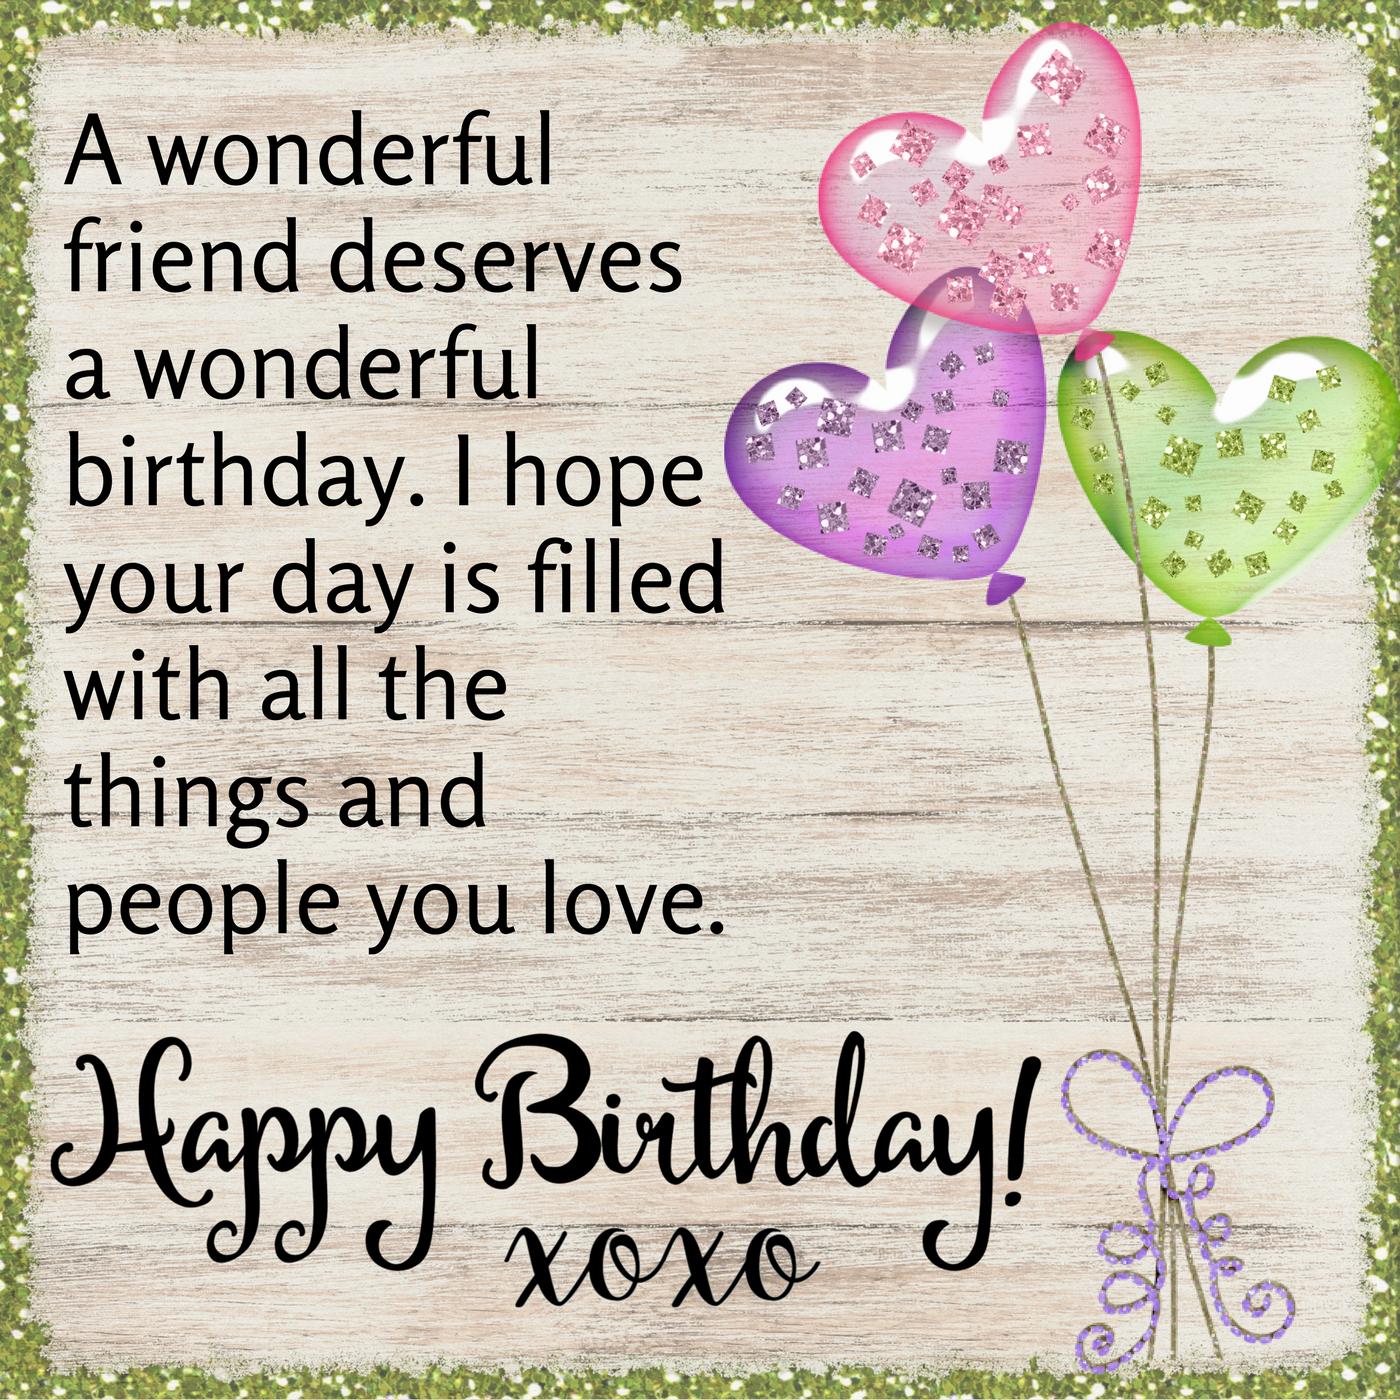 #happybirthday #birthday #birthdaywishes #wonderful